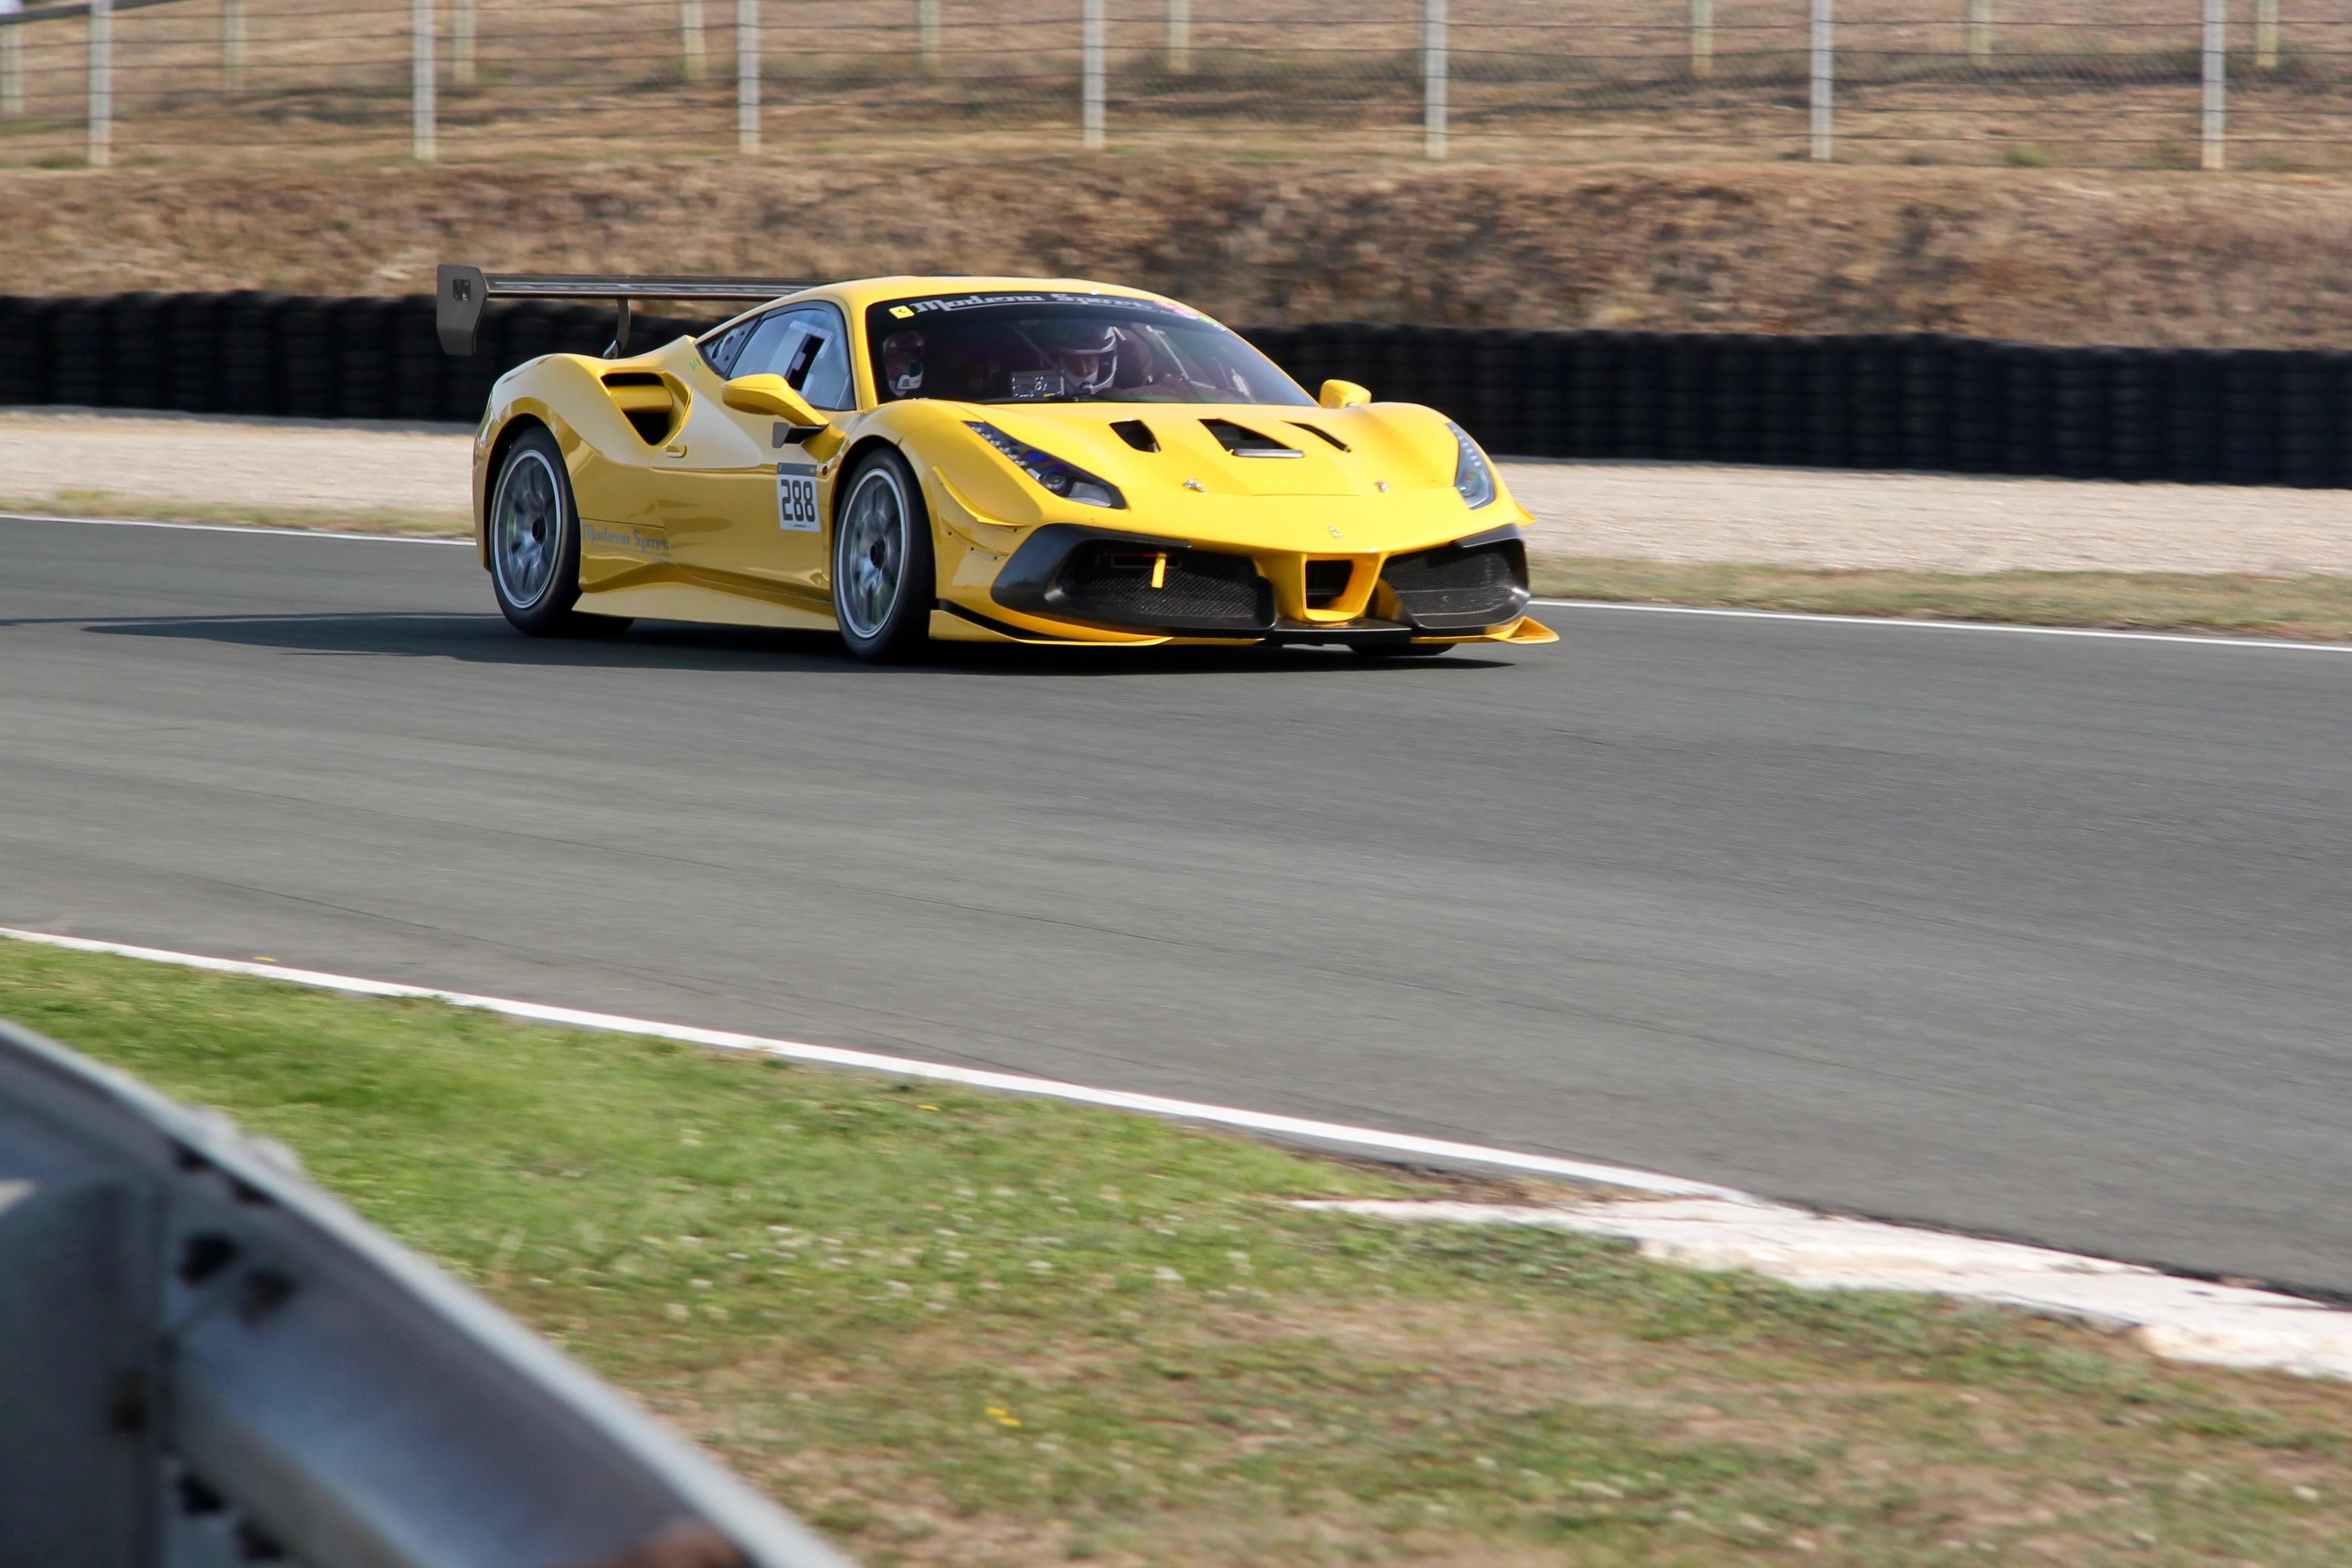 Ferrari 488 Challenge Evo - front side-face / profil avant - Circuit du Vigeant - Sport et Collection - 2020 - photo Ludo Ferrari